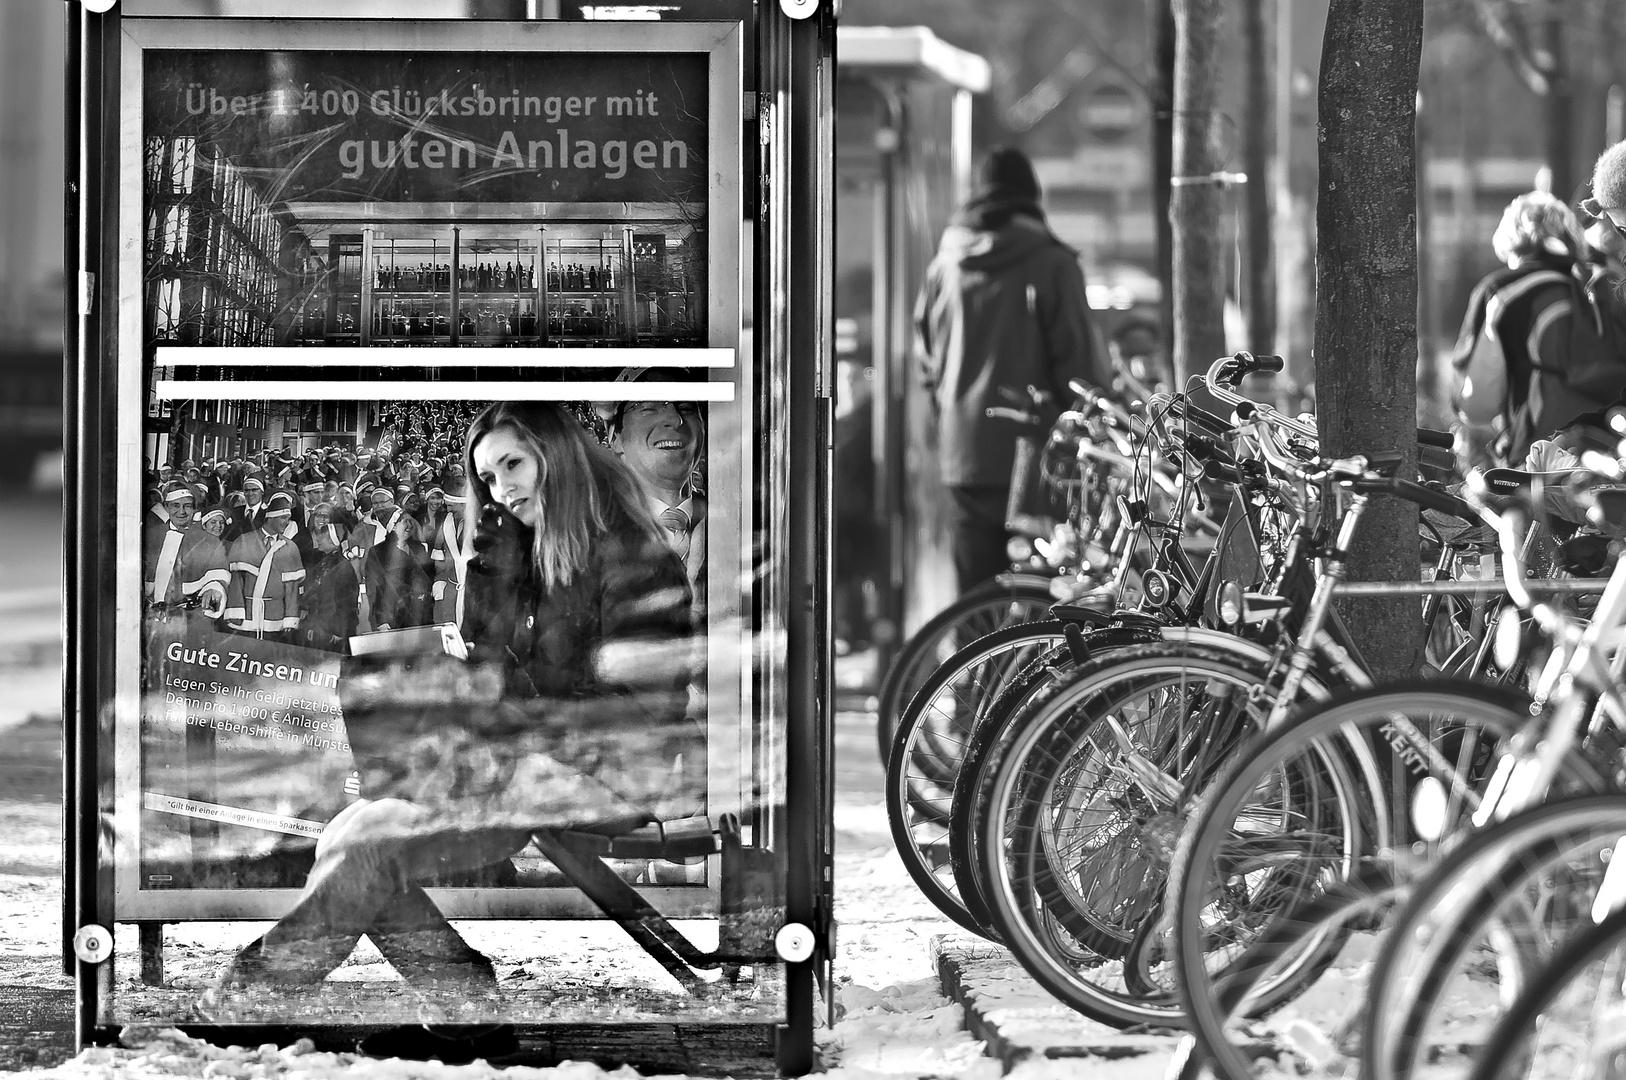 Bus-Haltestelle